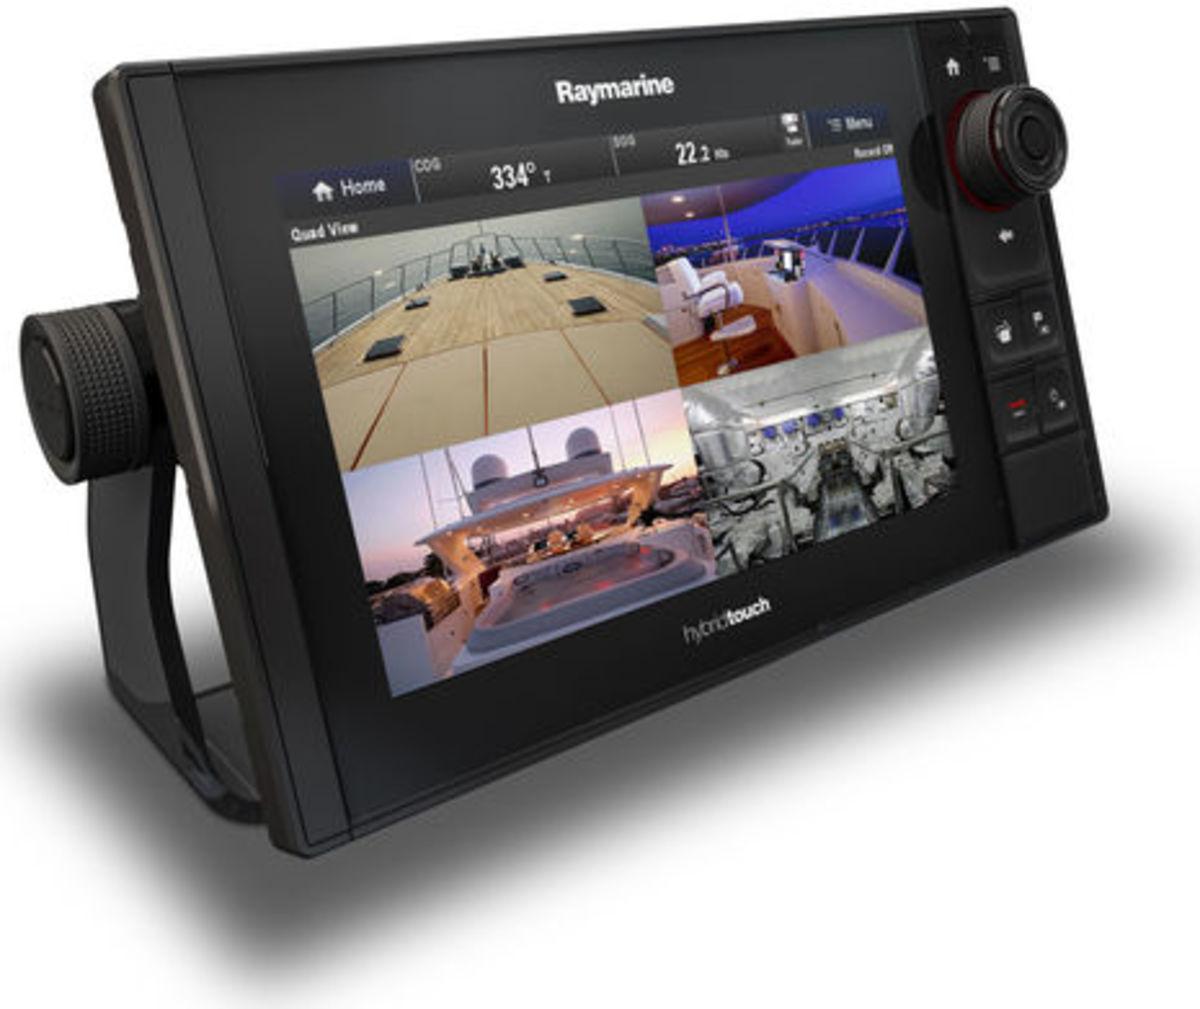 Raymarine_eS_Series_IP_video_aPanbo.jpg